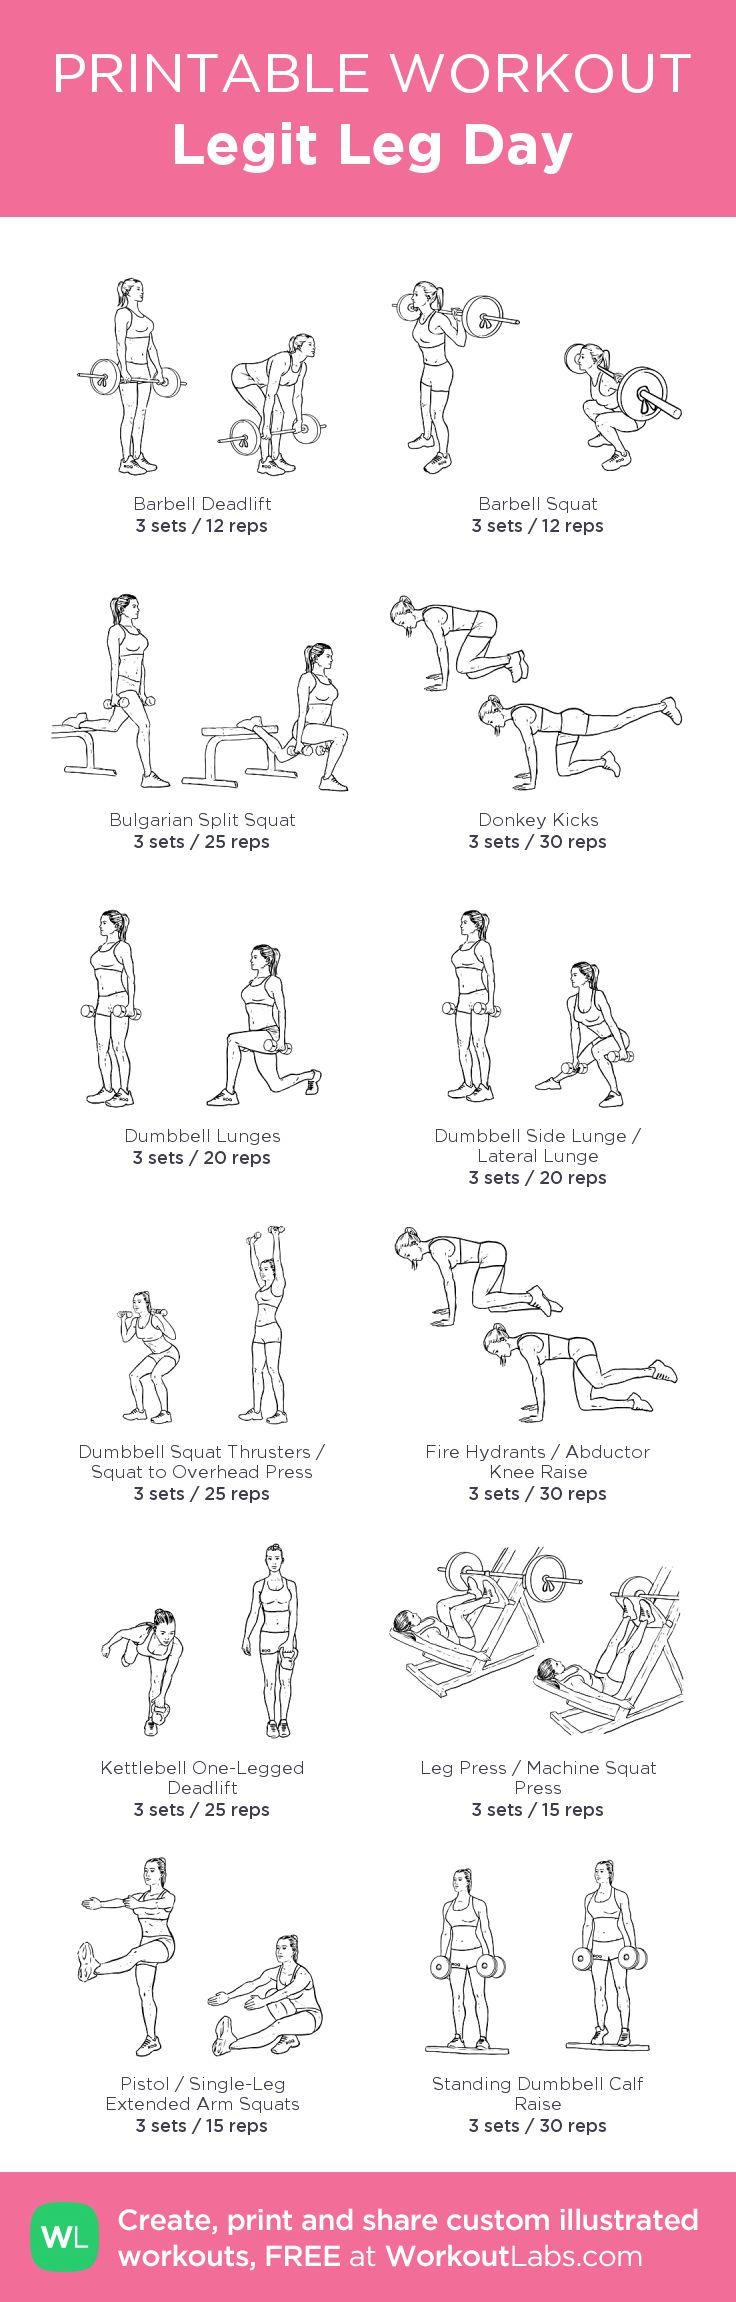 Legit Leg Day: my visual workout created! #customworkout